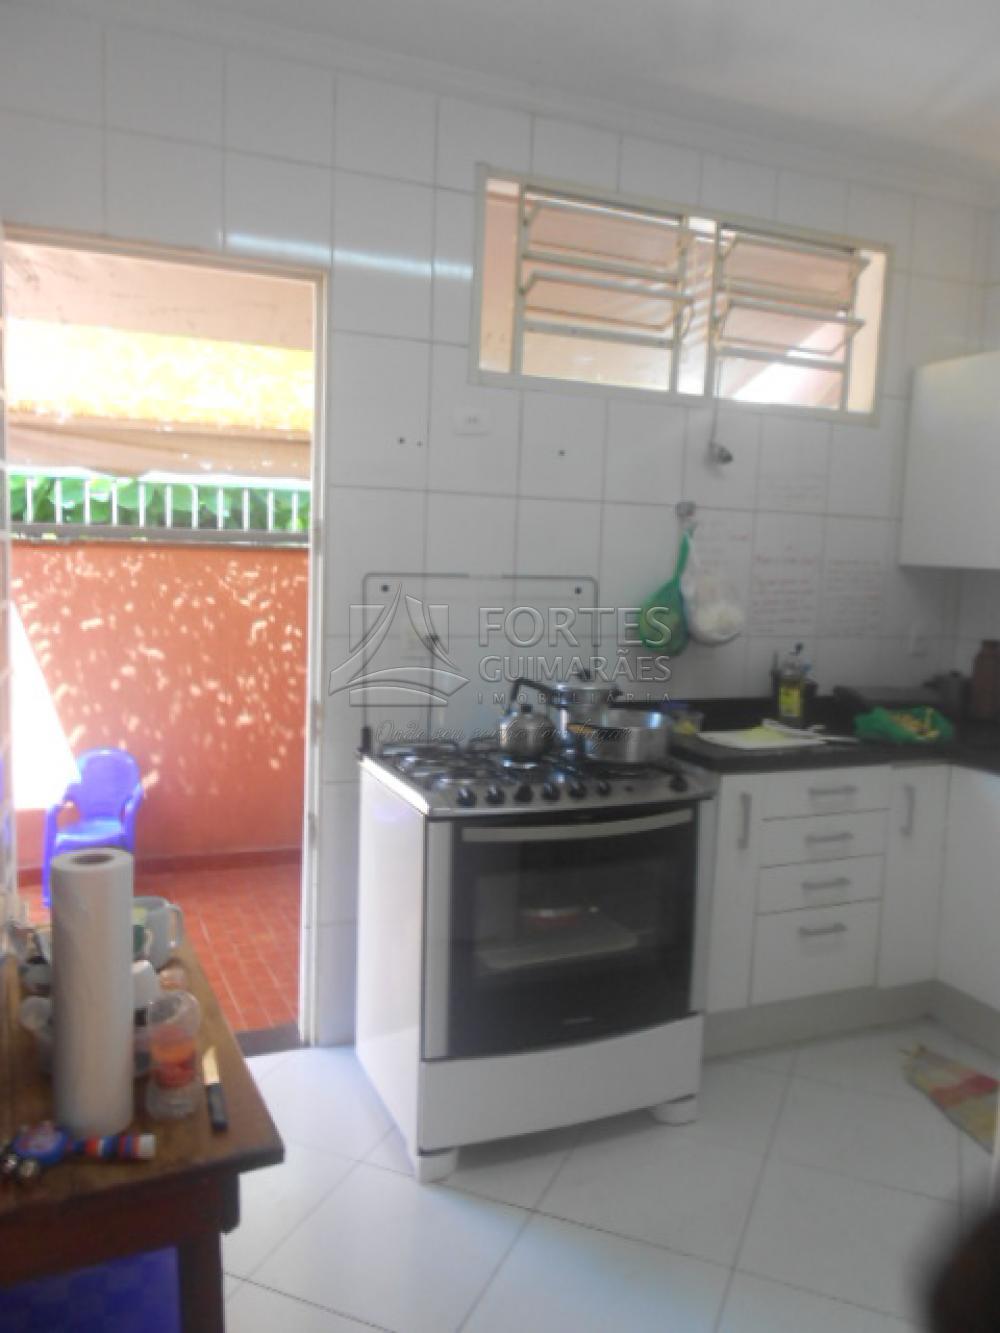 Alugar Casas / Padrão em Ribeirão Preto apenas R$ 2.000,00 - Foto 27